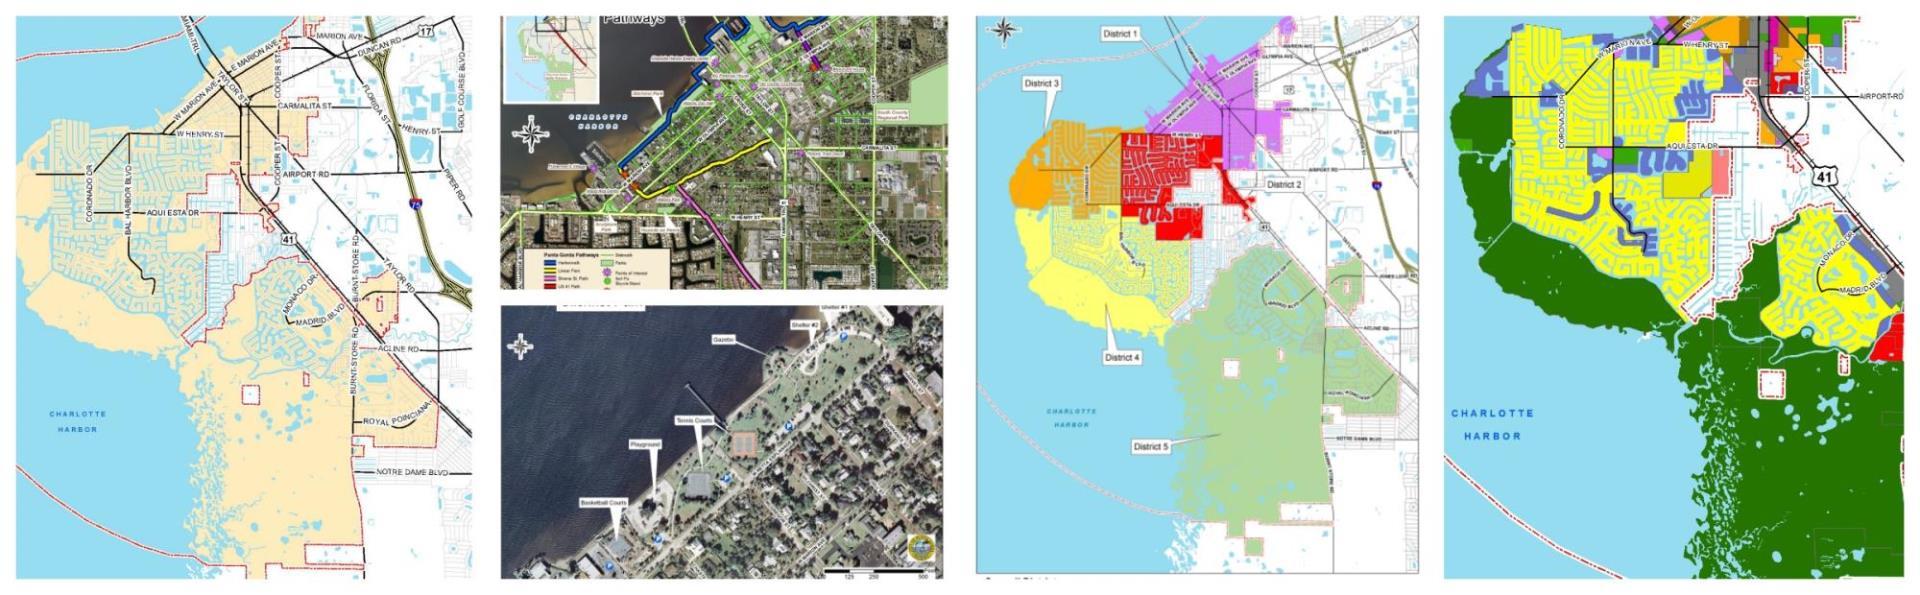 show punta gorda on florida map